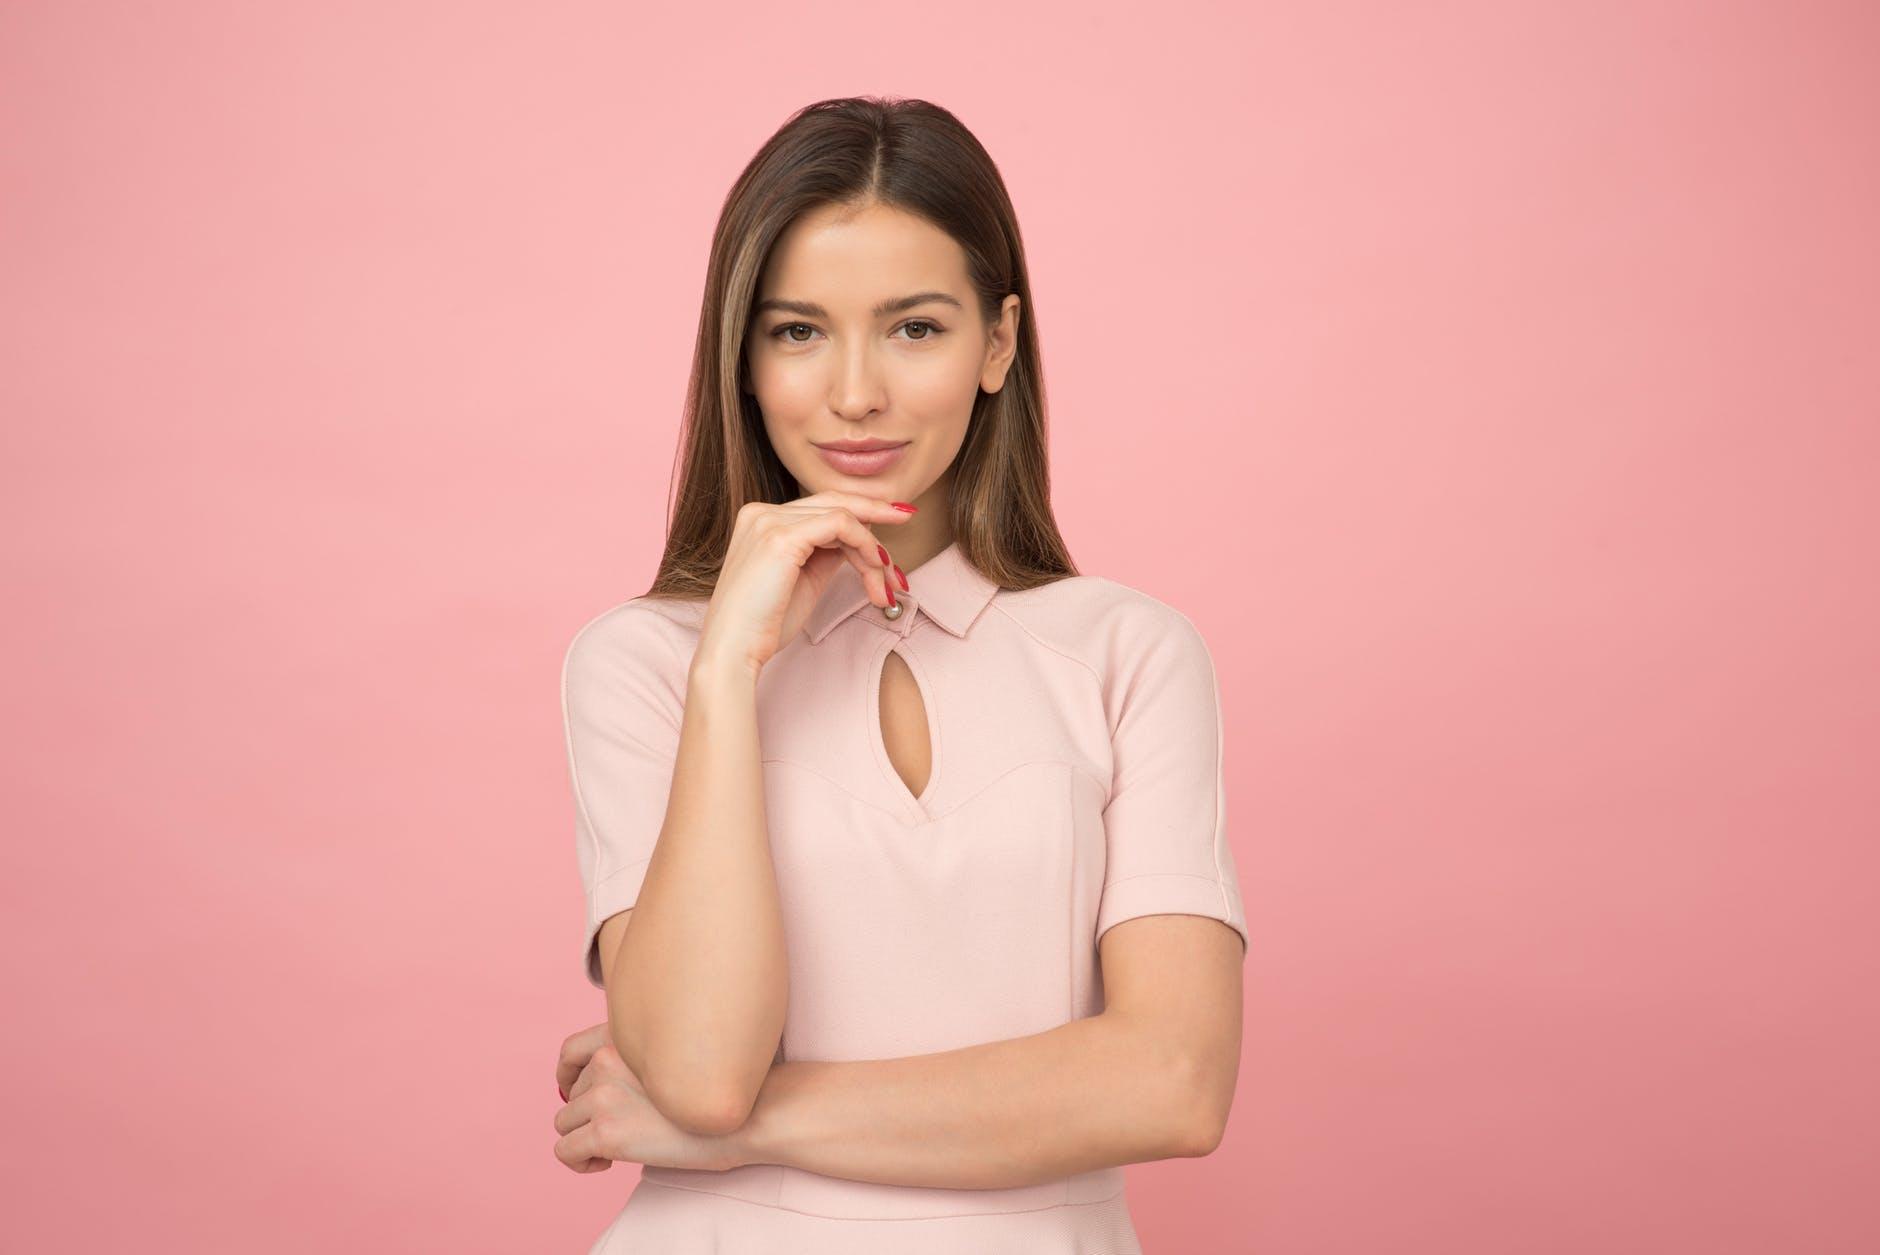 suport financiar femei in afaceri odimm